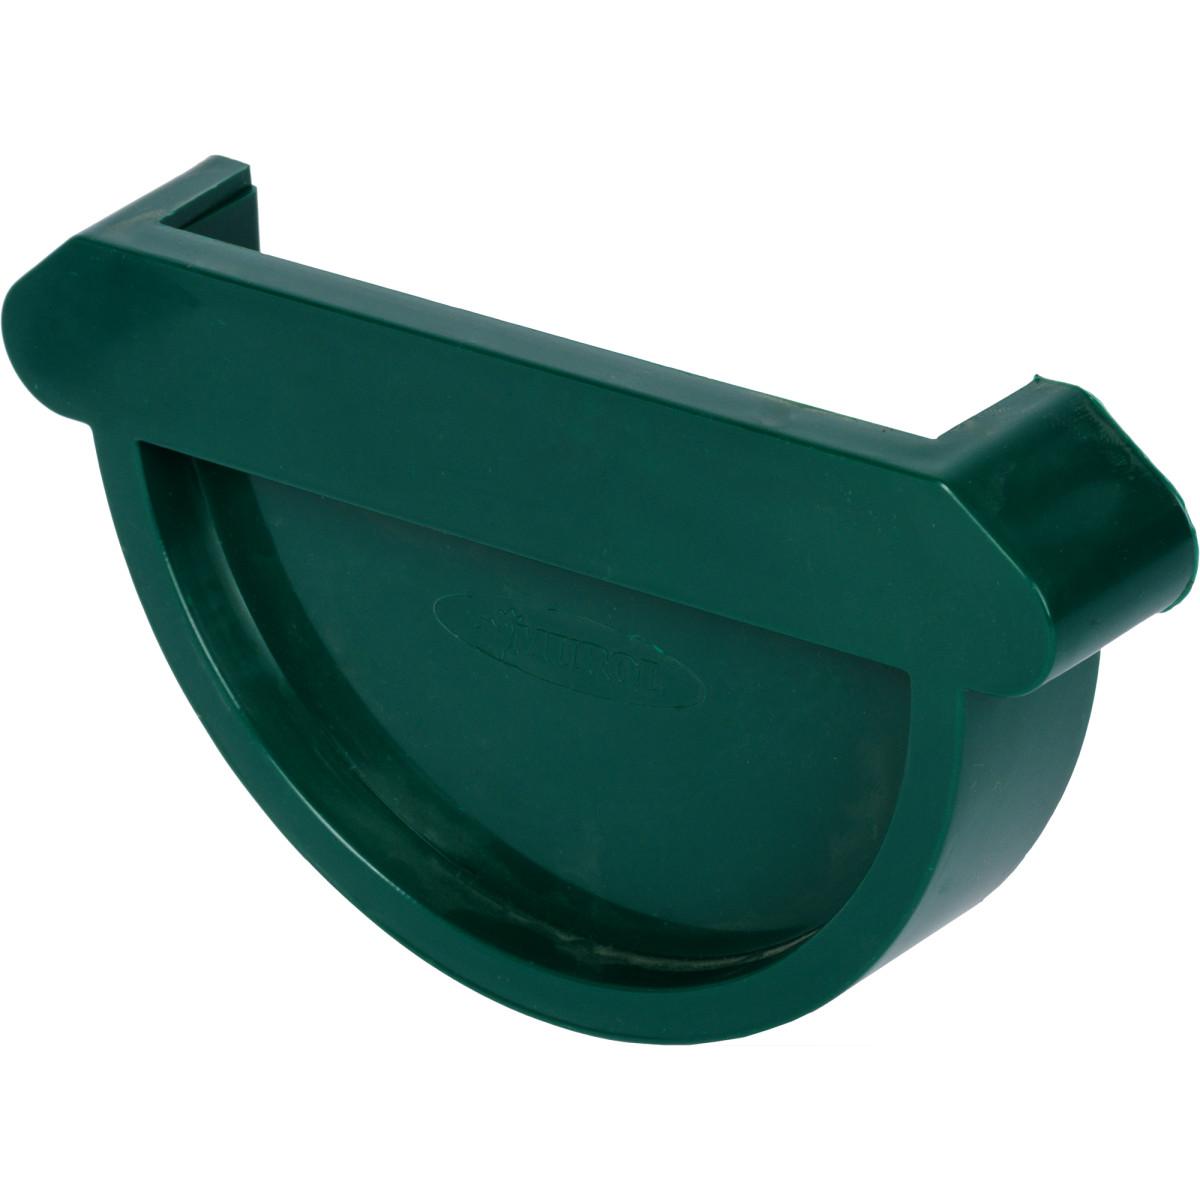 Заглушка желоба цвет зеленый